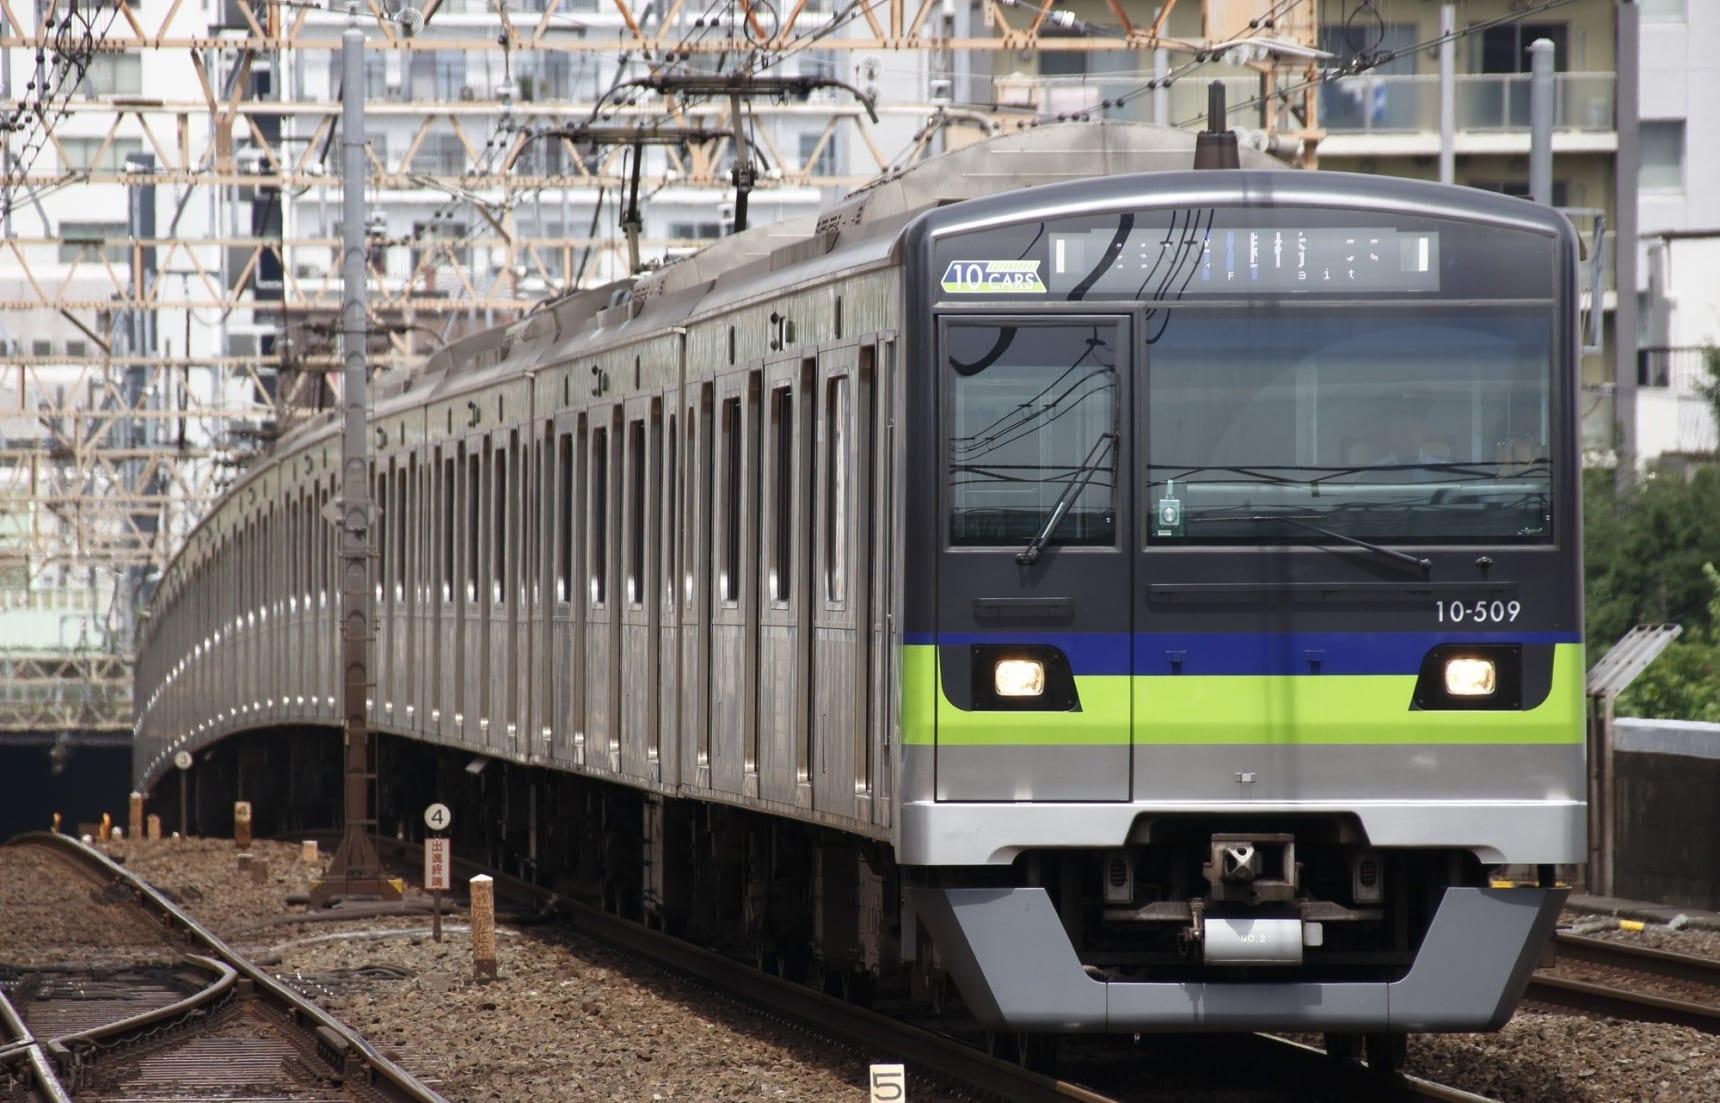 ลุยที่เที่ยวติดรถไฟสาย Toei Shinjuku Line